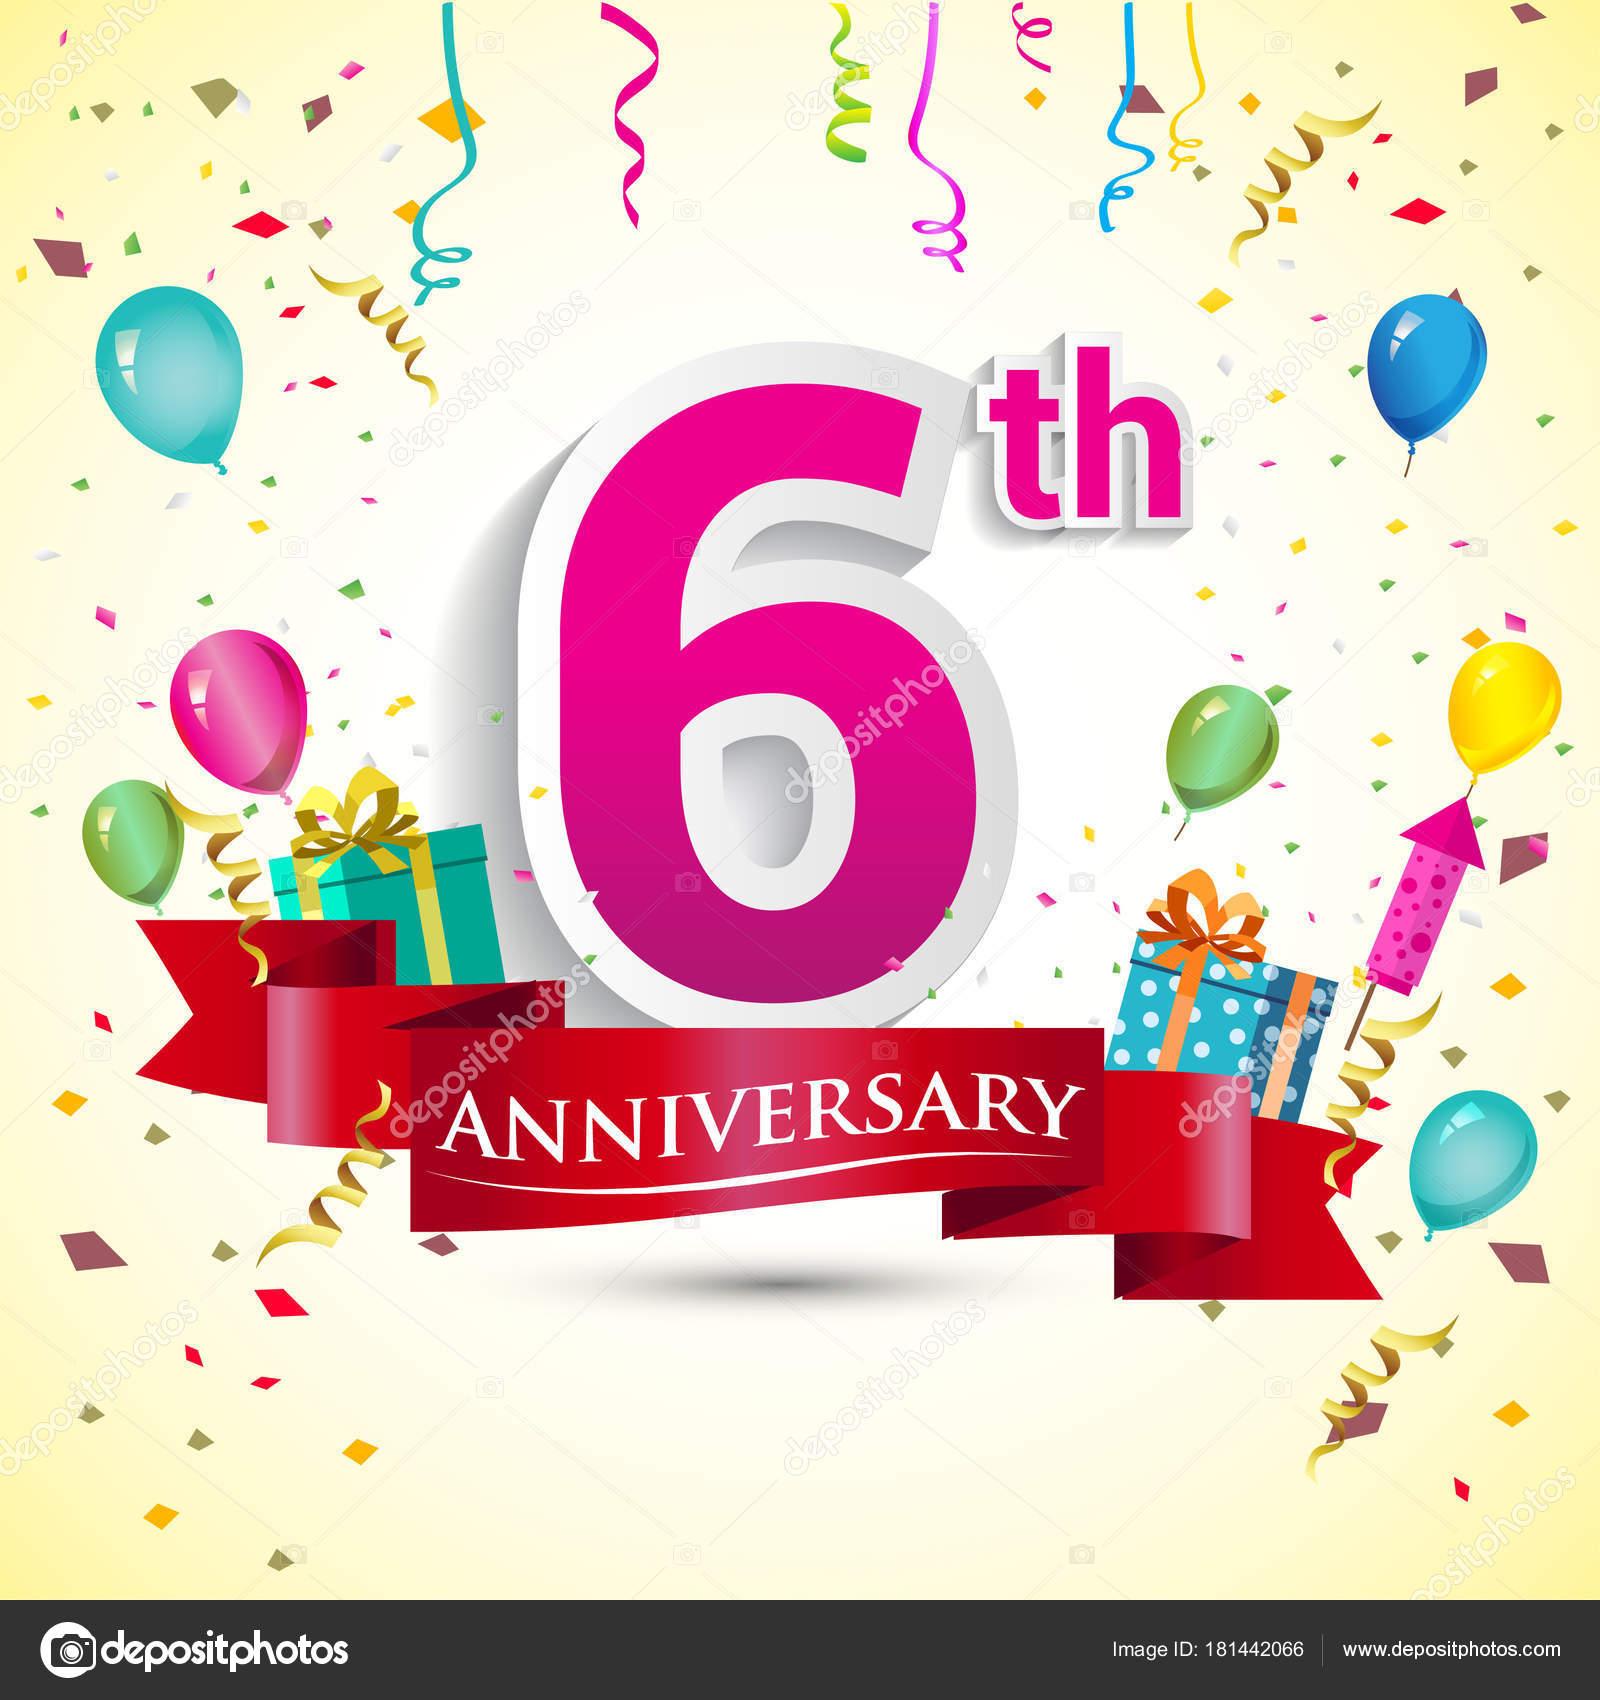 第六周年庆典设计 带礼品盒和气球 红丝带 丰富多彩的矢量模板元素为您的生日聚会 图库矢量图像 169